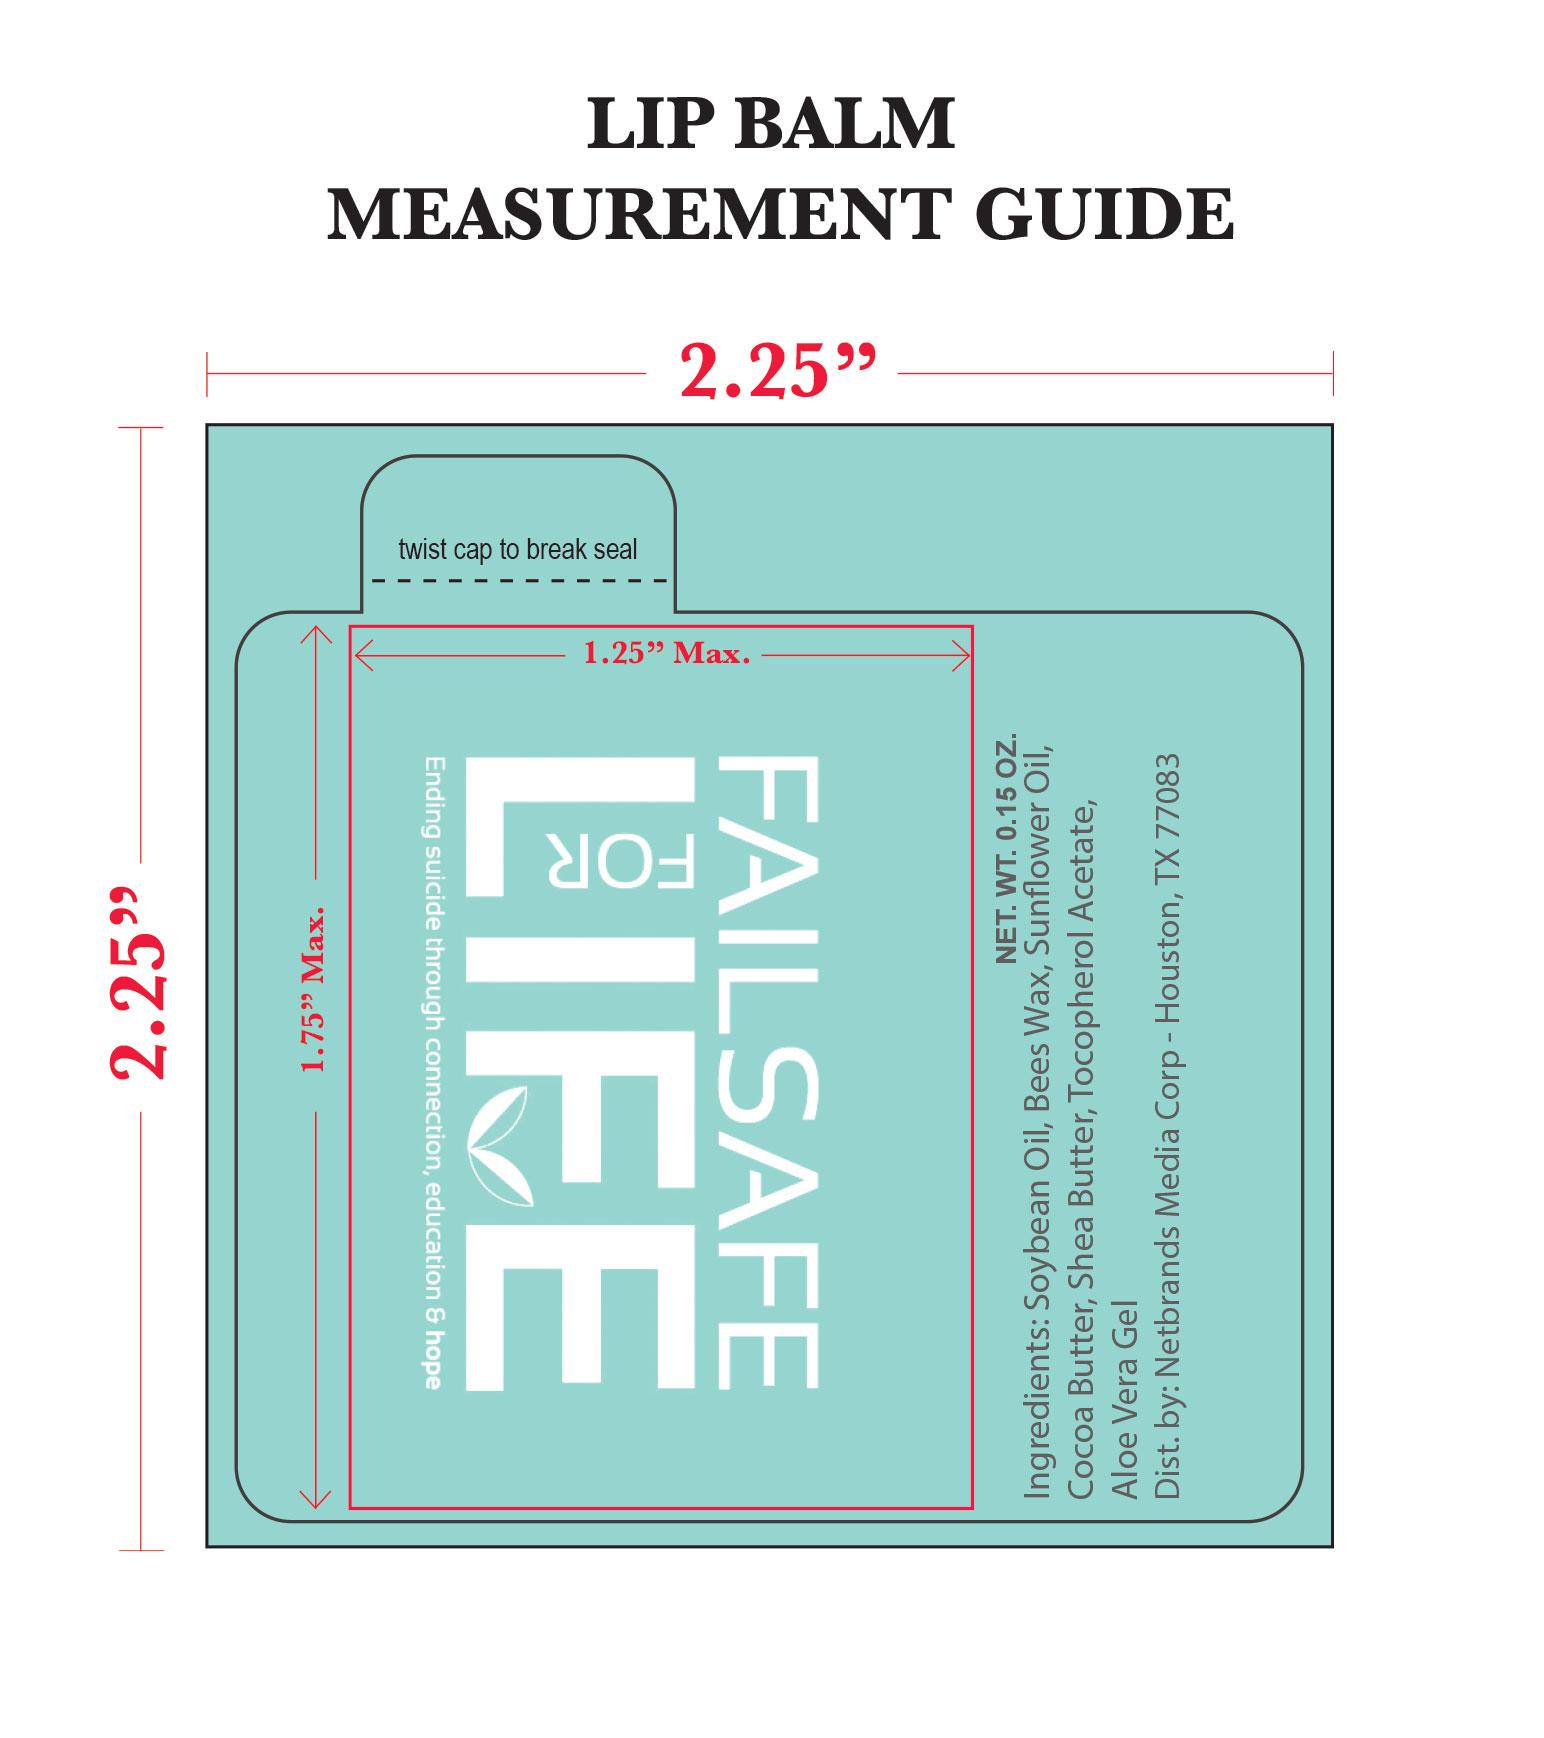 Lip Balm Label Measurement Guide